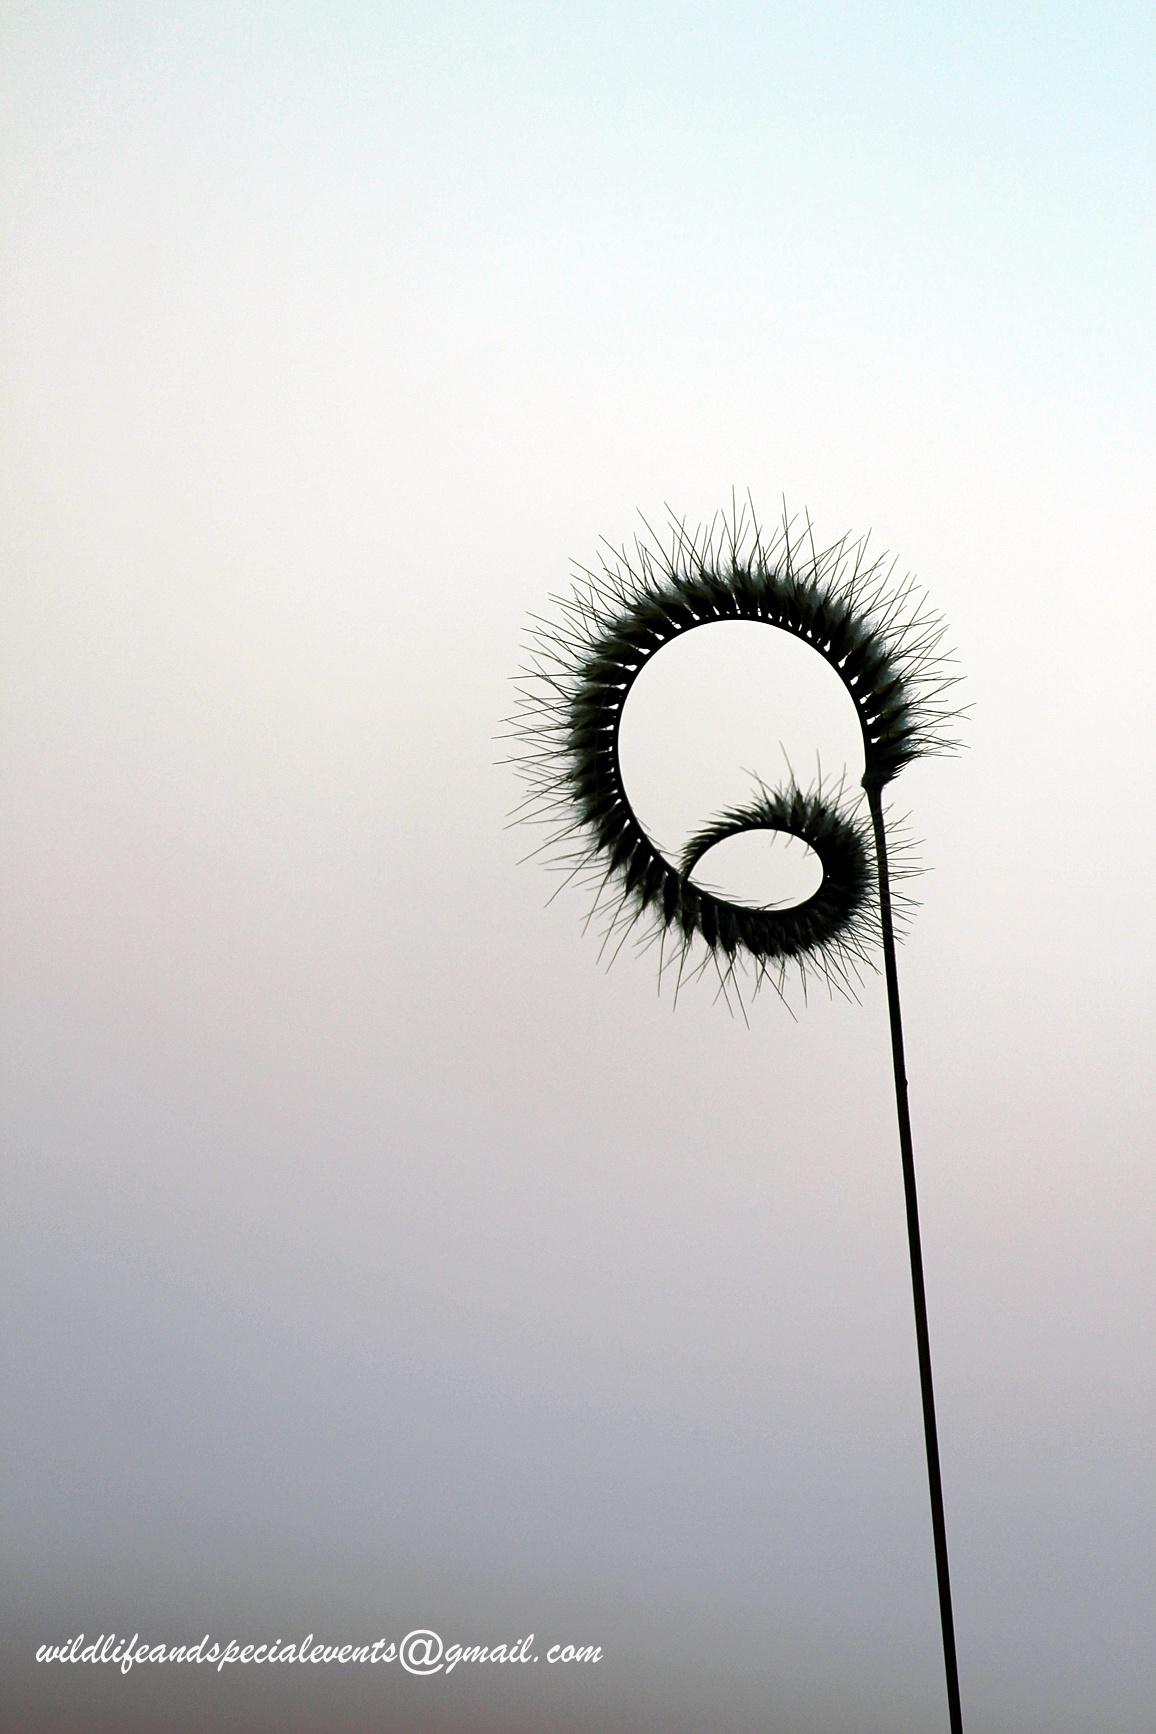 Spiky Grass by oosie